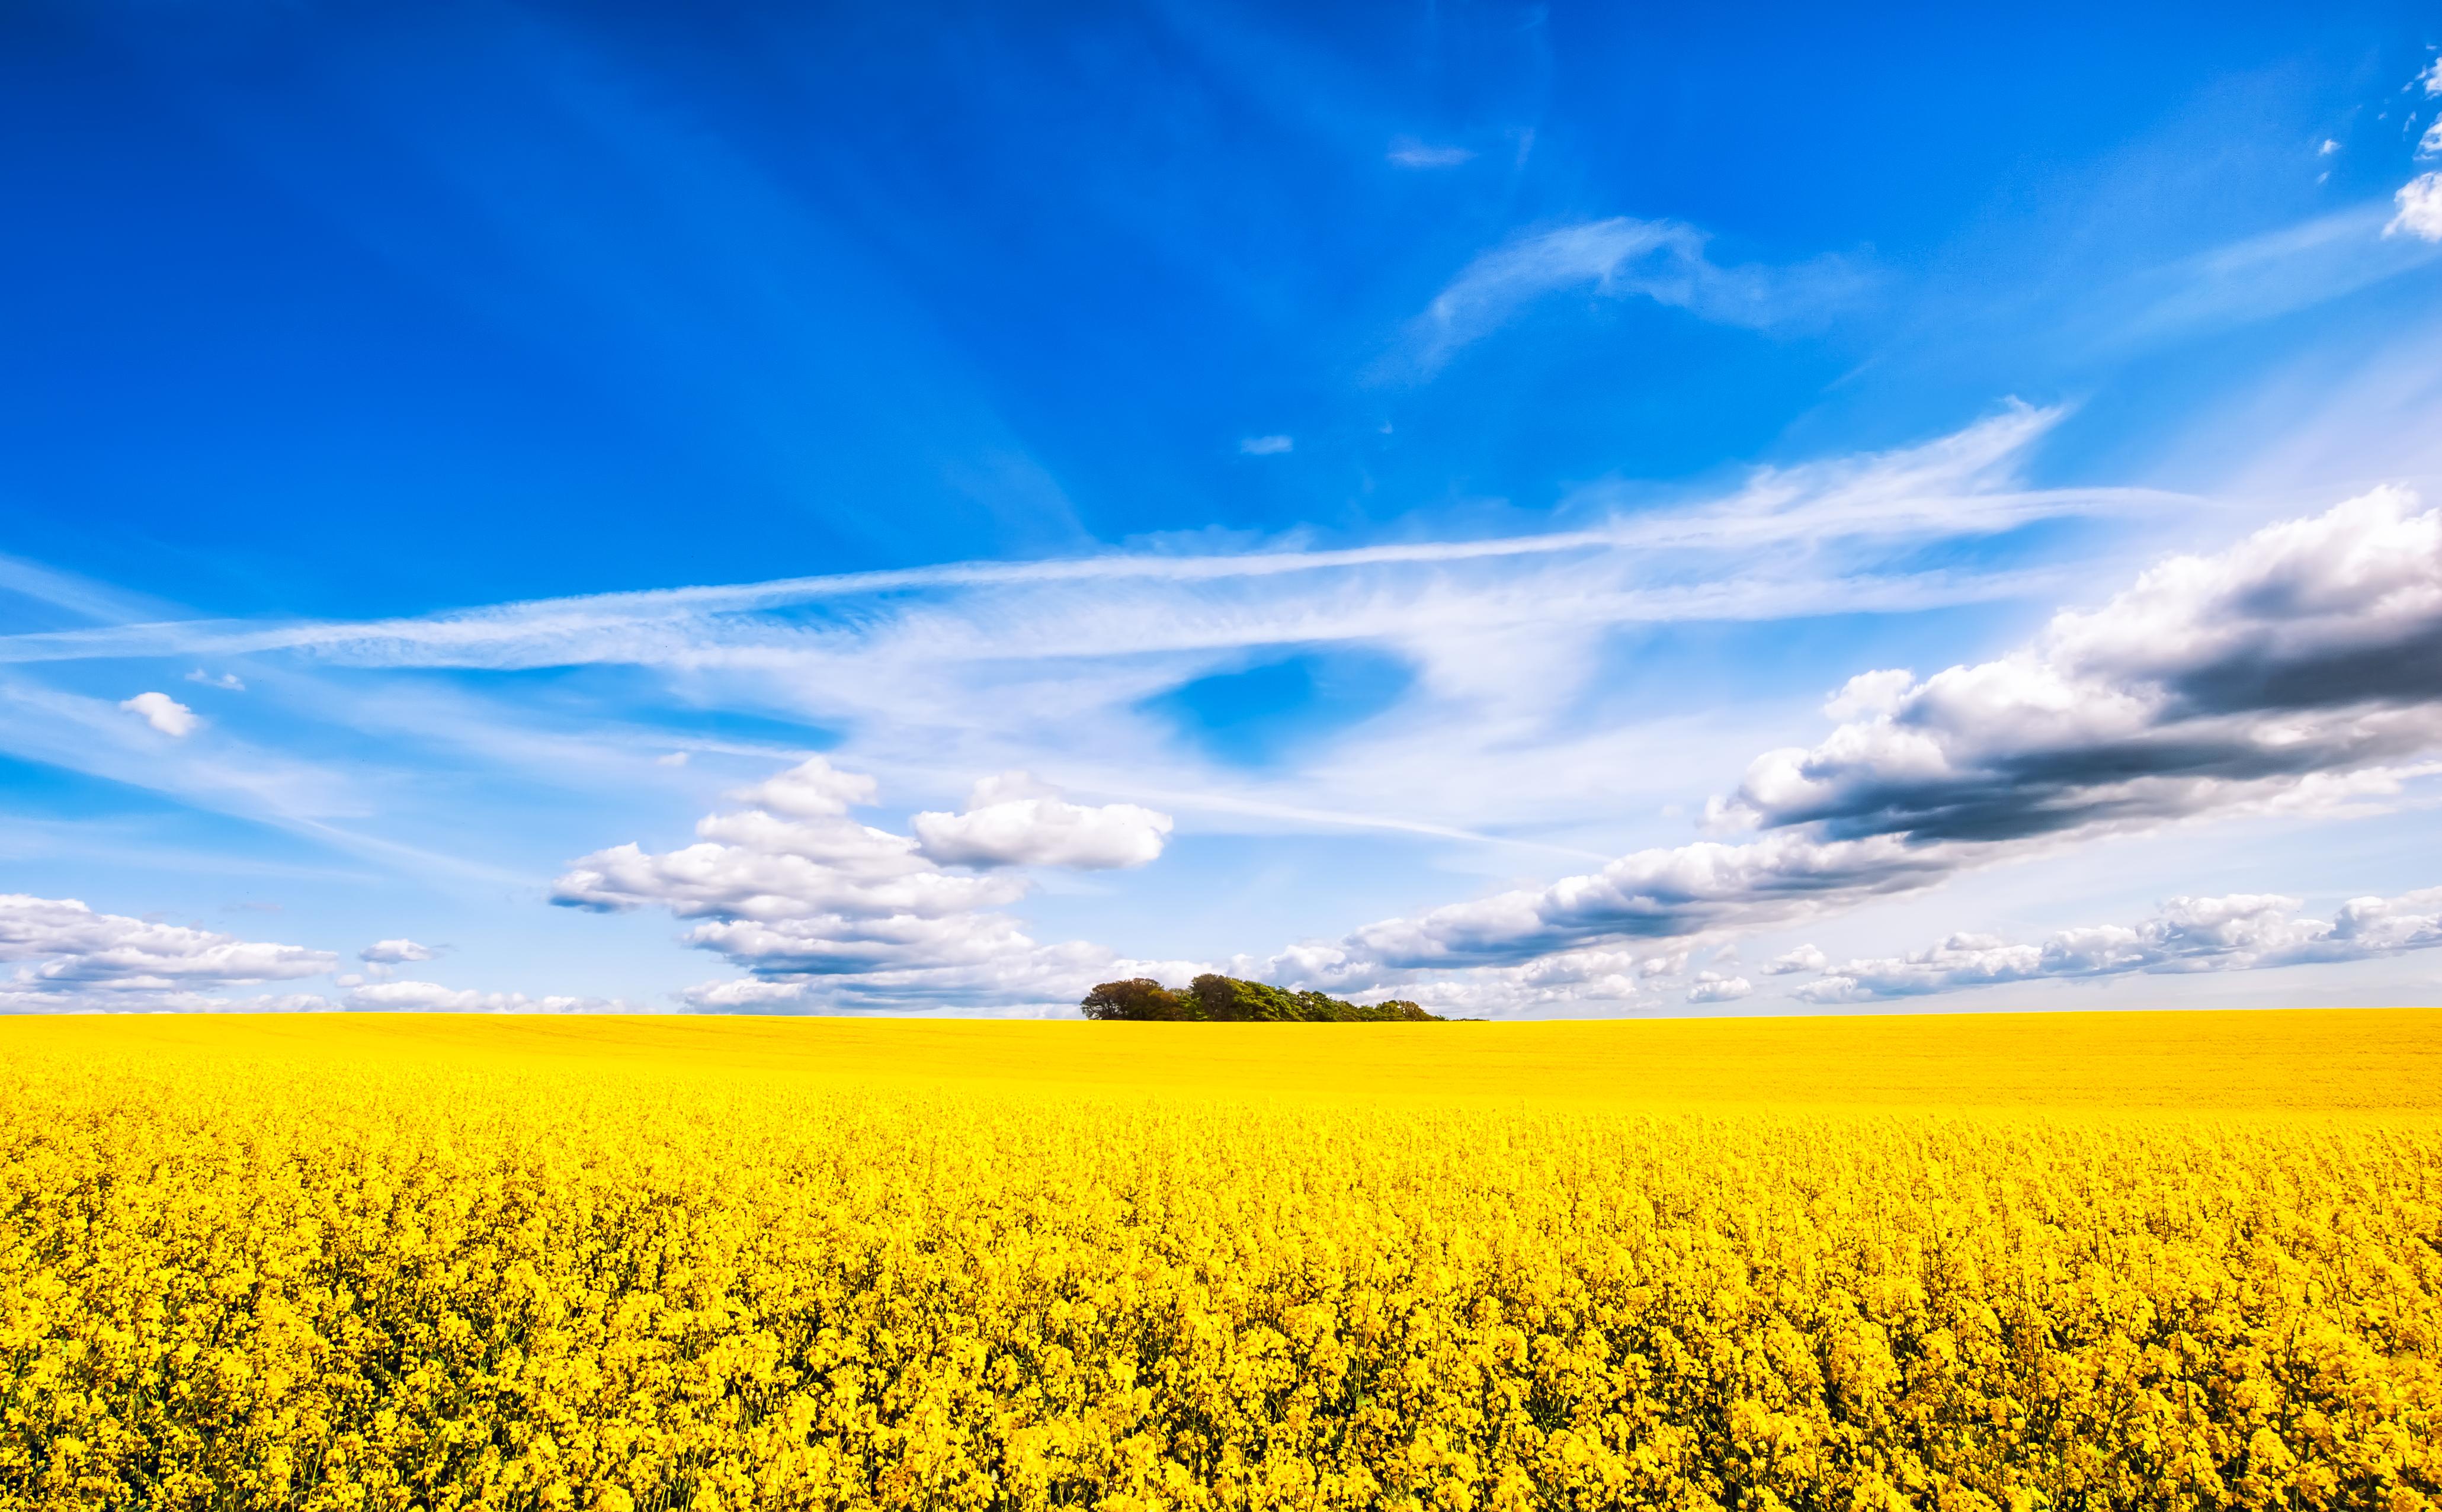 Field Nature Cloud Sky Horizon Flower Yellow Flower Rapeseed Summer 4122x2553